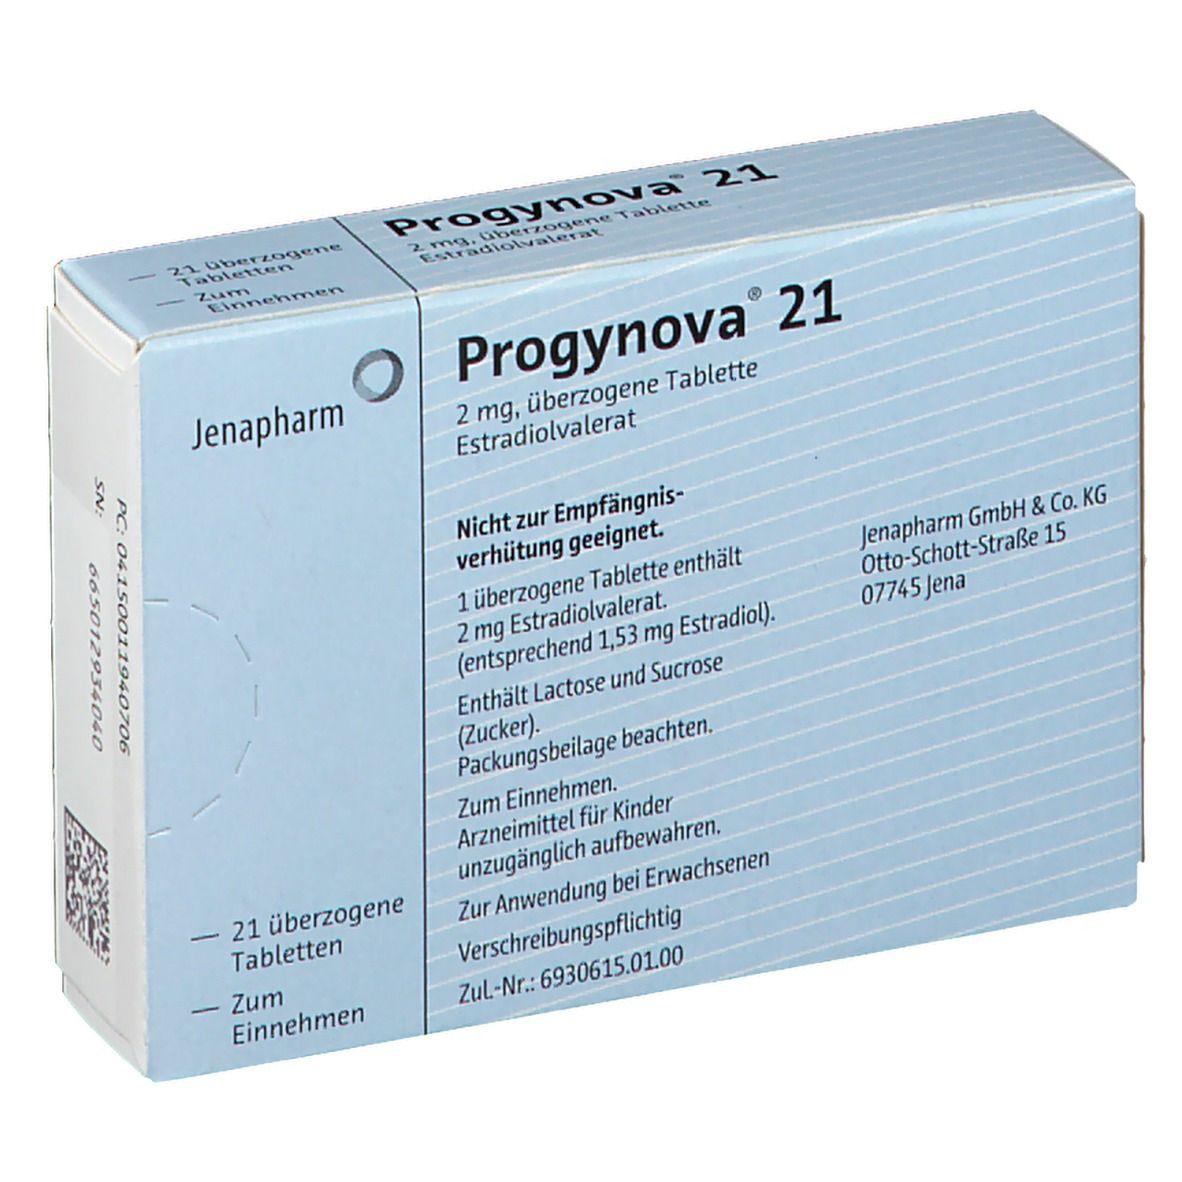 Progynova 21 Dragees